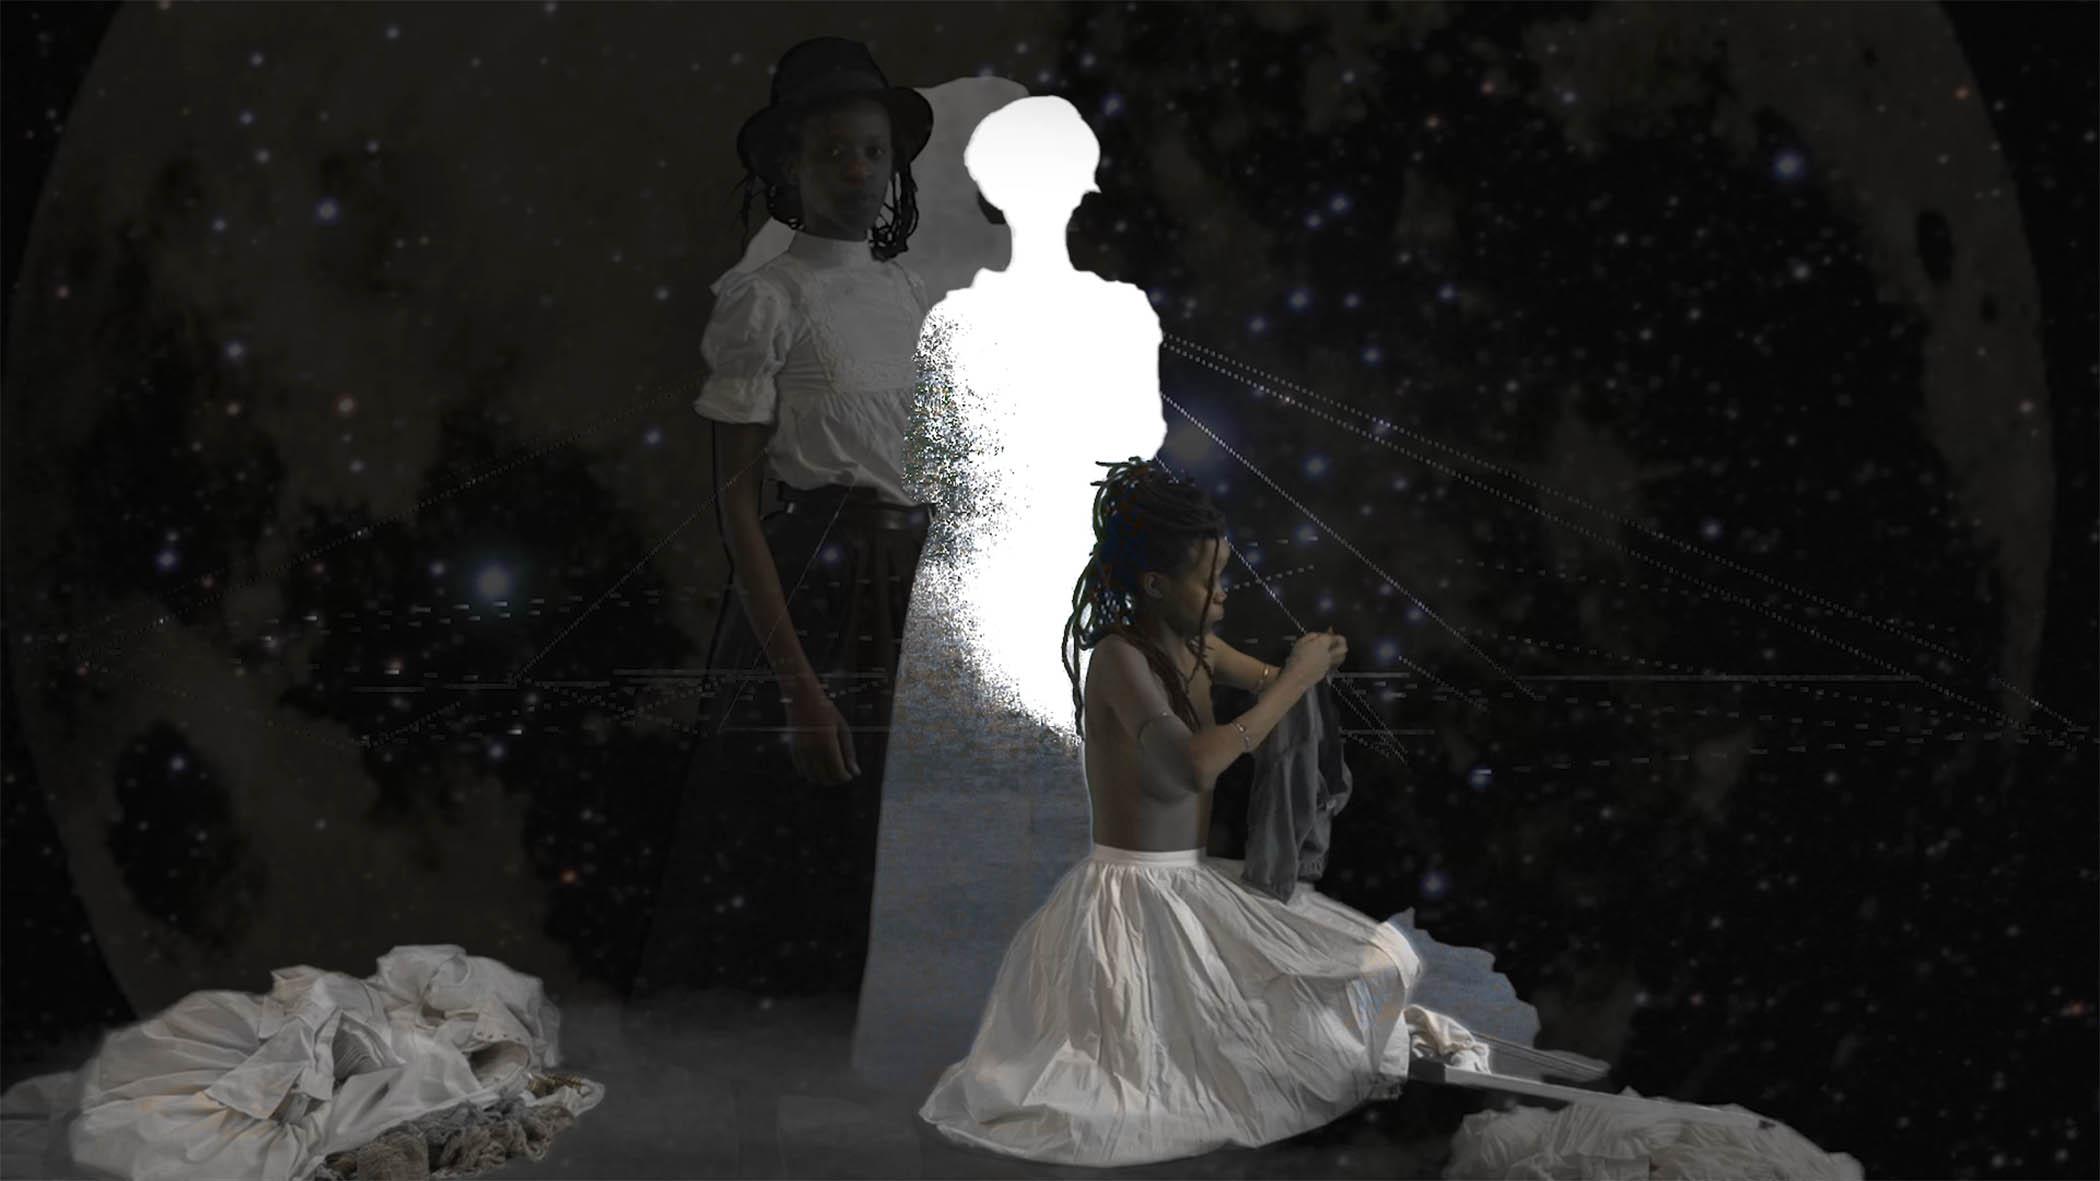 Kitso Lynn Lelliott - Untitled Sankofa, 2016 (video still)